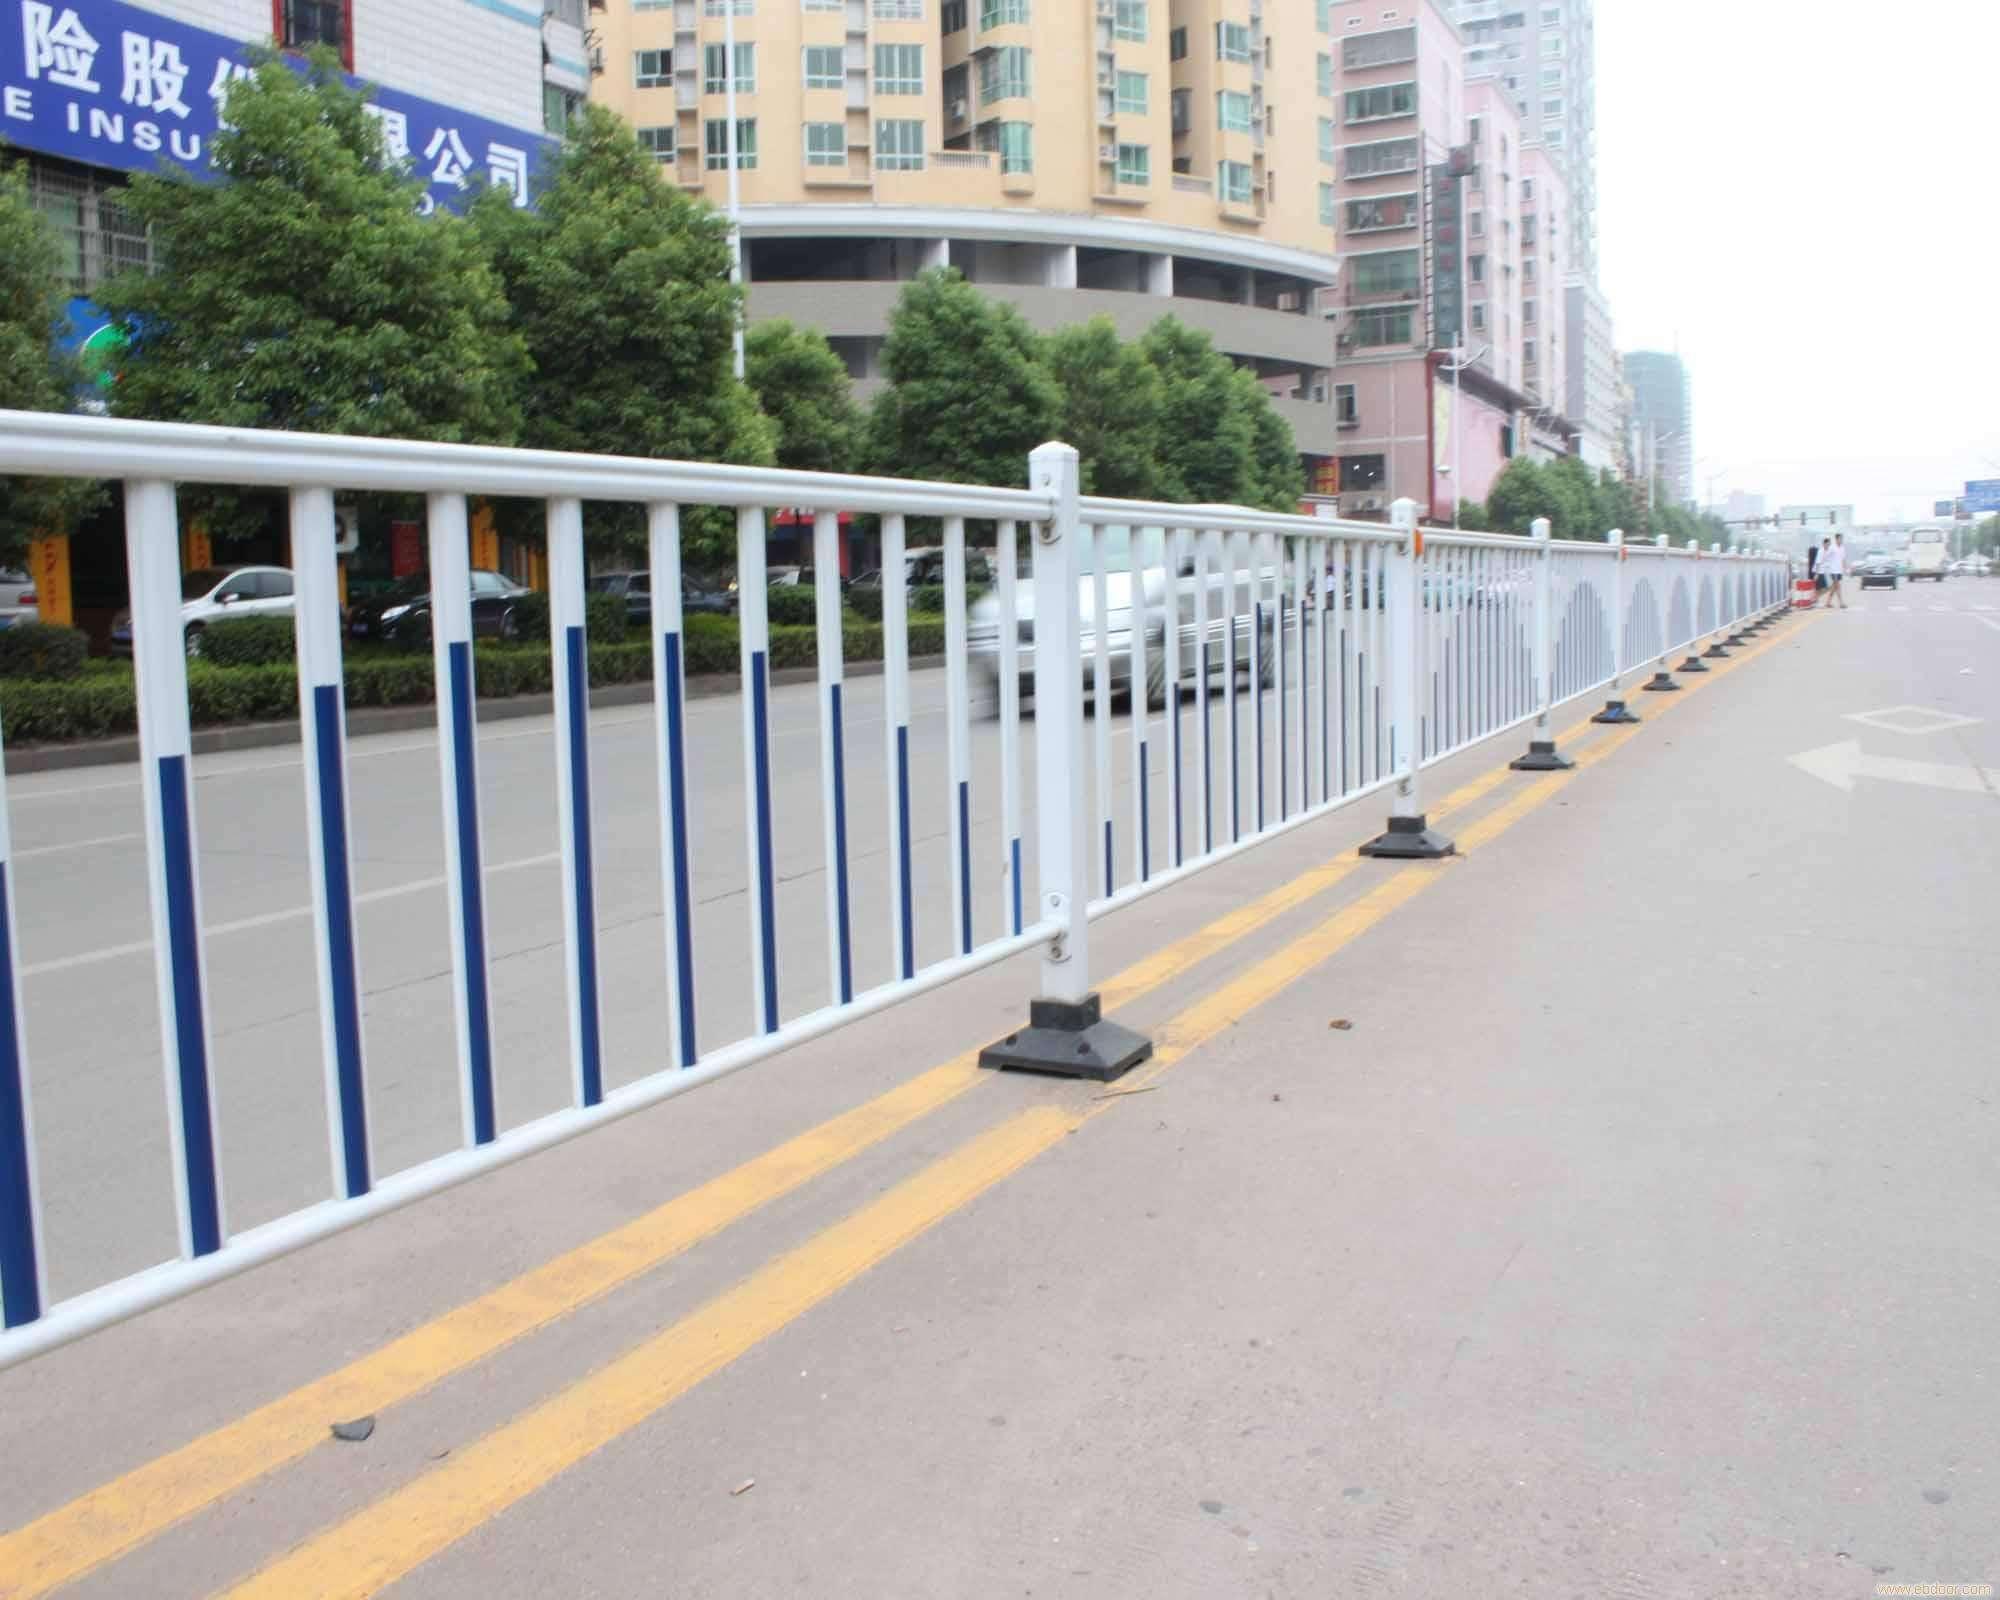 广西柳州波形锌钢护栏城市乡村道路不锈钢围栏交... - 中国供应商